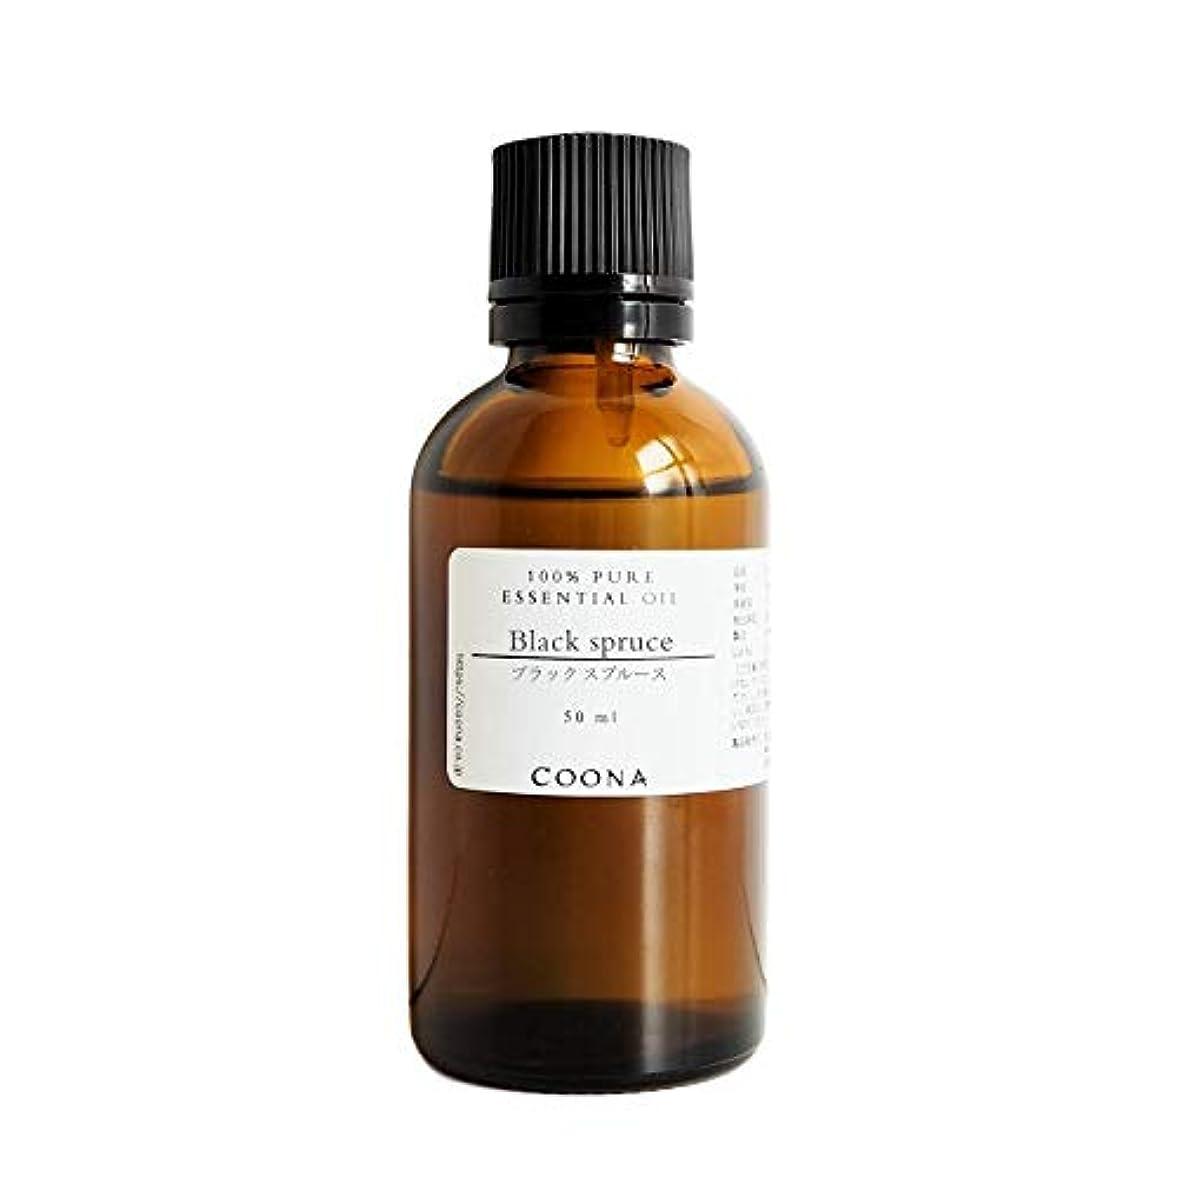 自治的チート静めるブラックスプルース 50 ml (COONA エッセンシャルオイル アロマオイル 100% 天然植物精油)